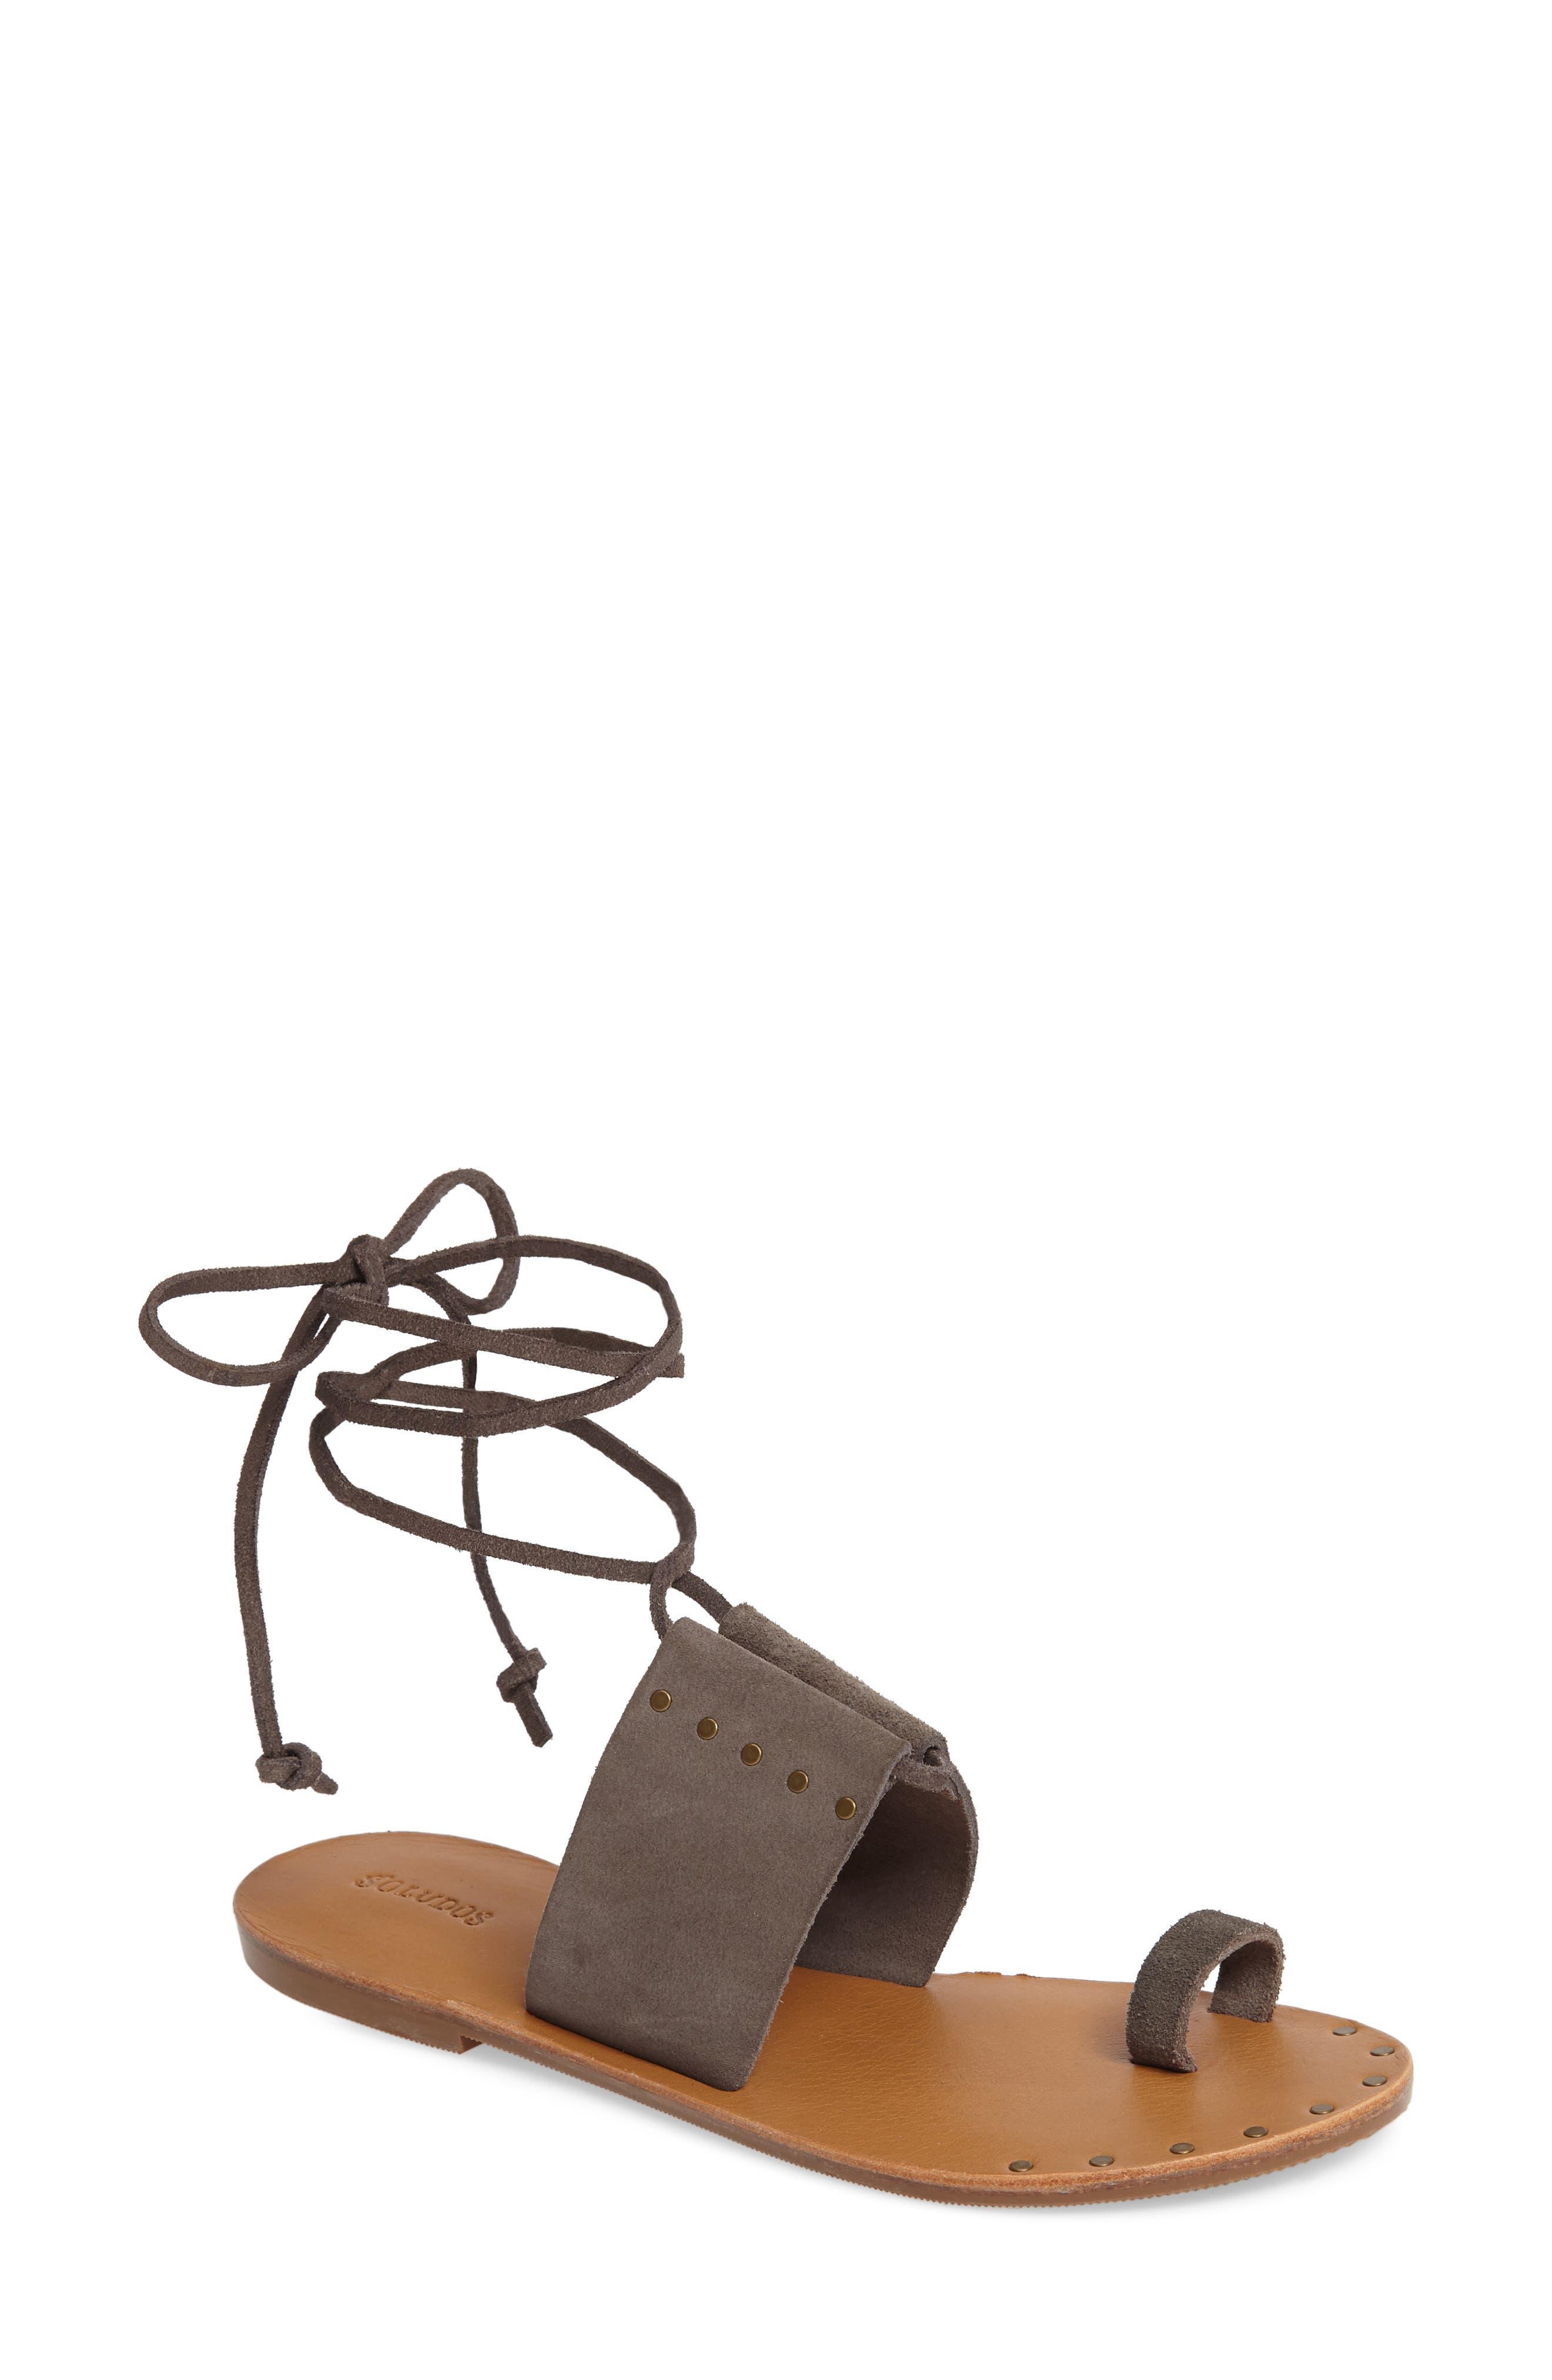 Milos Ankle Wrap Sandal,                         Main,                         color, Dove Gray Leather